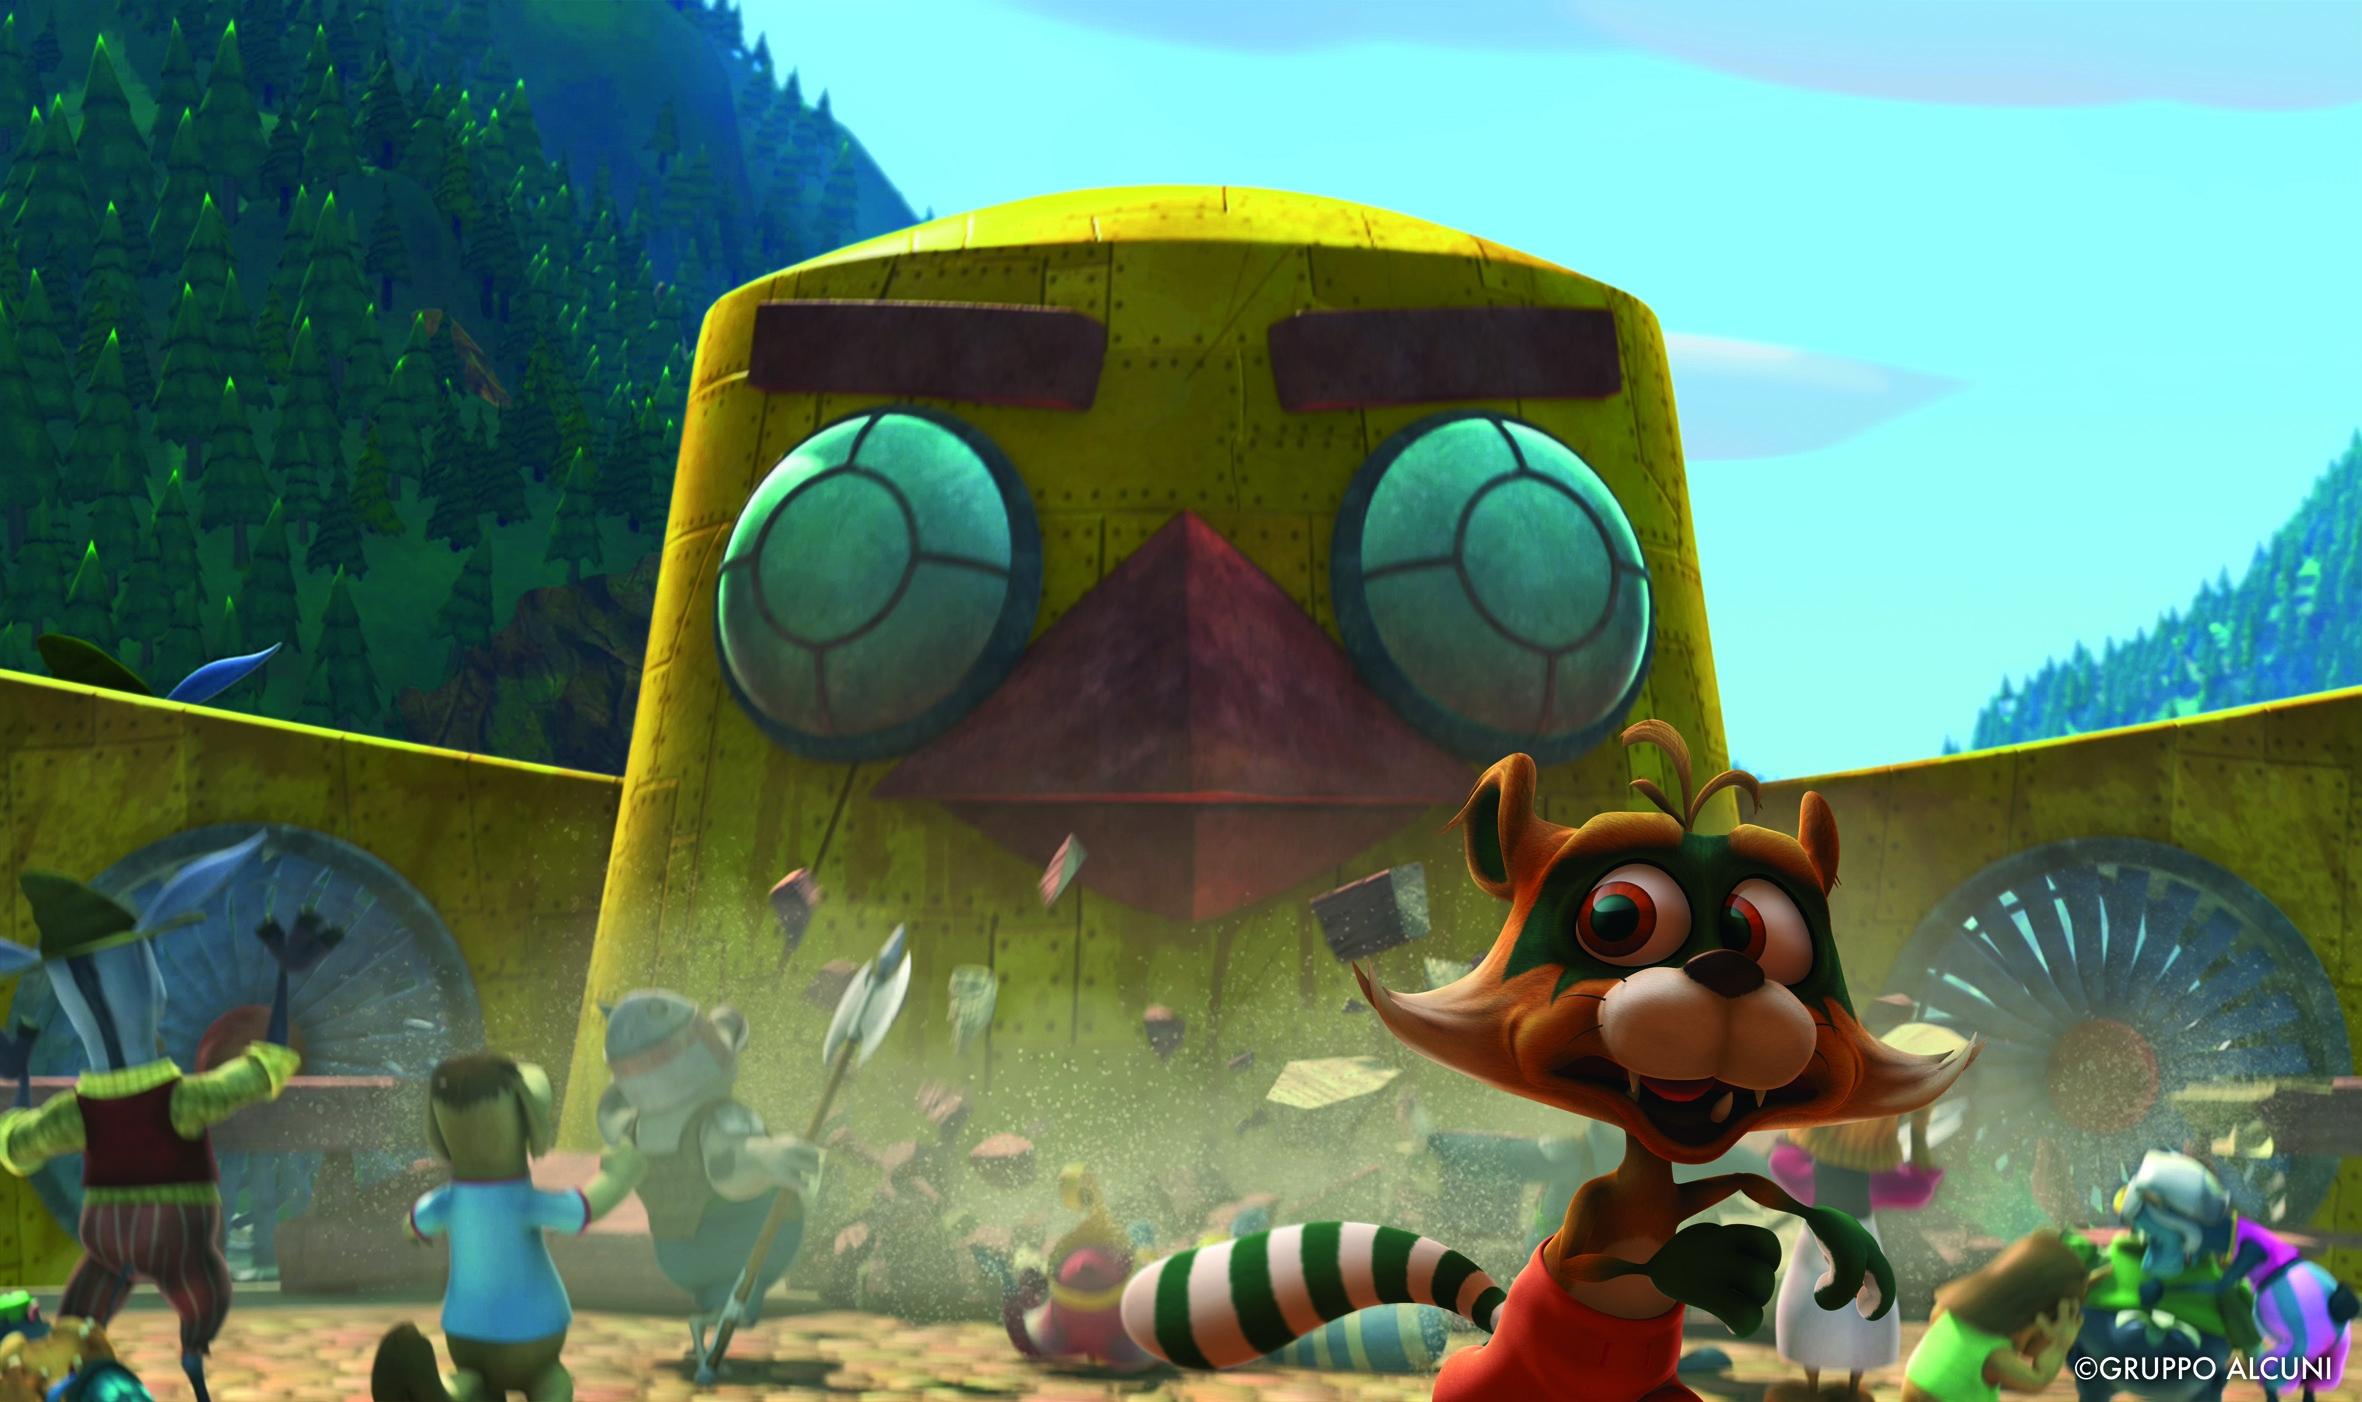 Cuccioli - Il paese del vento: le macchine diaboliche di Maga Cornacchia in una scena del film